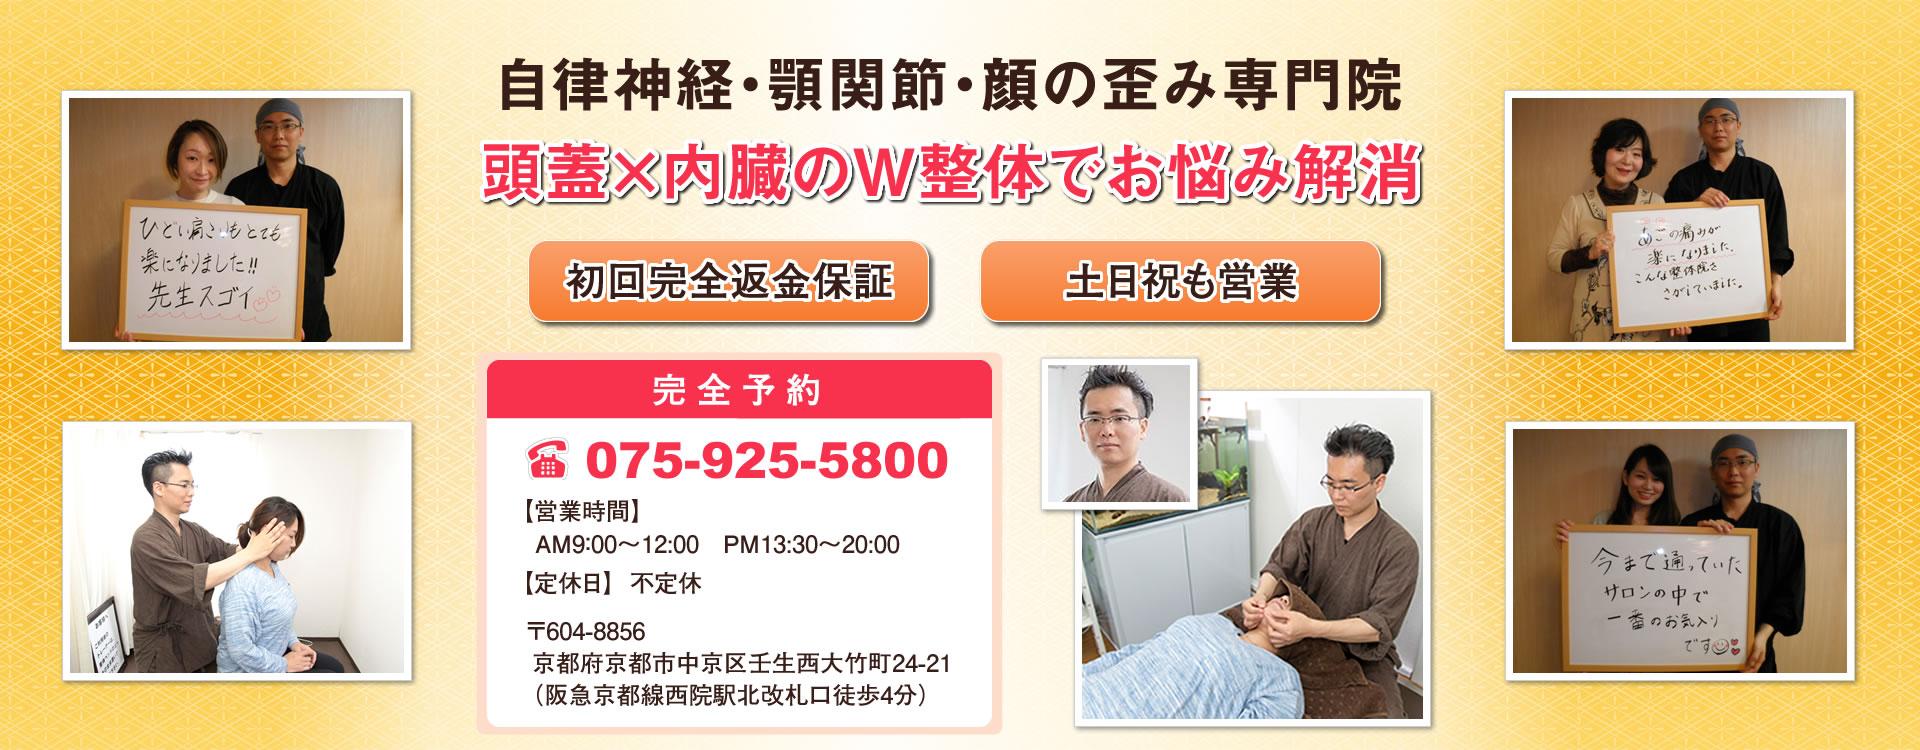 京都の自律神経、顎関節、顔の歪みなら「整体げん」